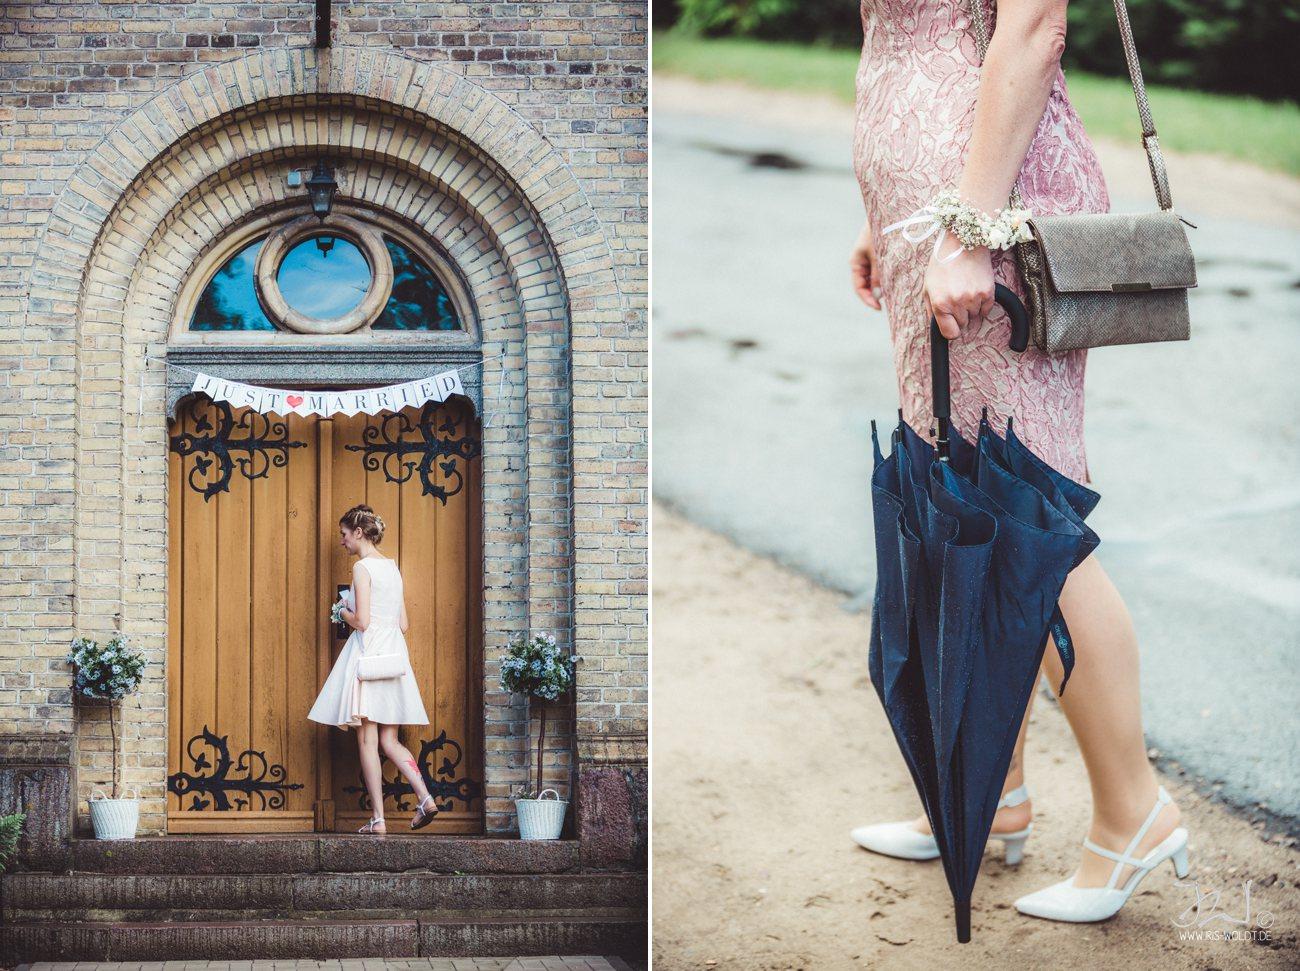 Hochzeitsfotograf_Altthymen_MuehleTornow_IrisWoldt 27